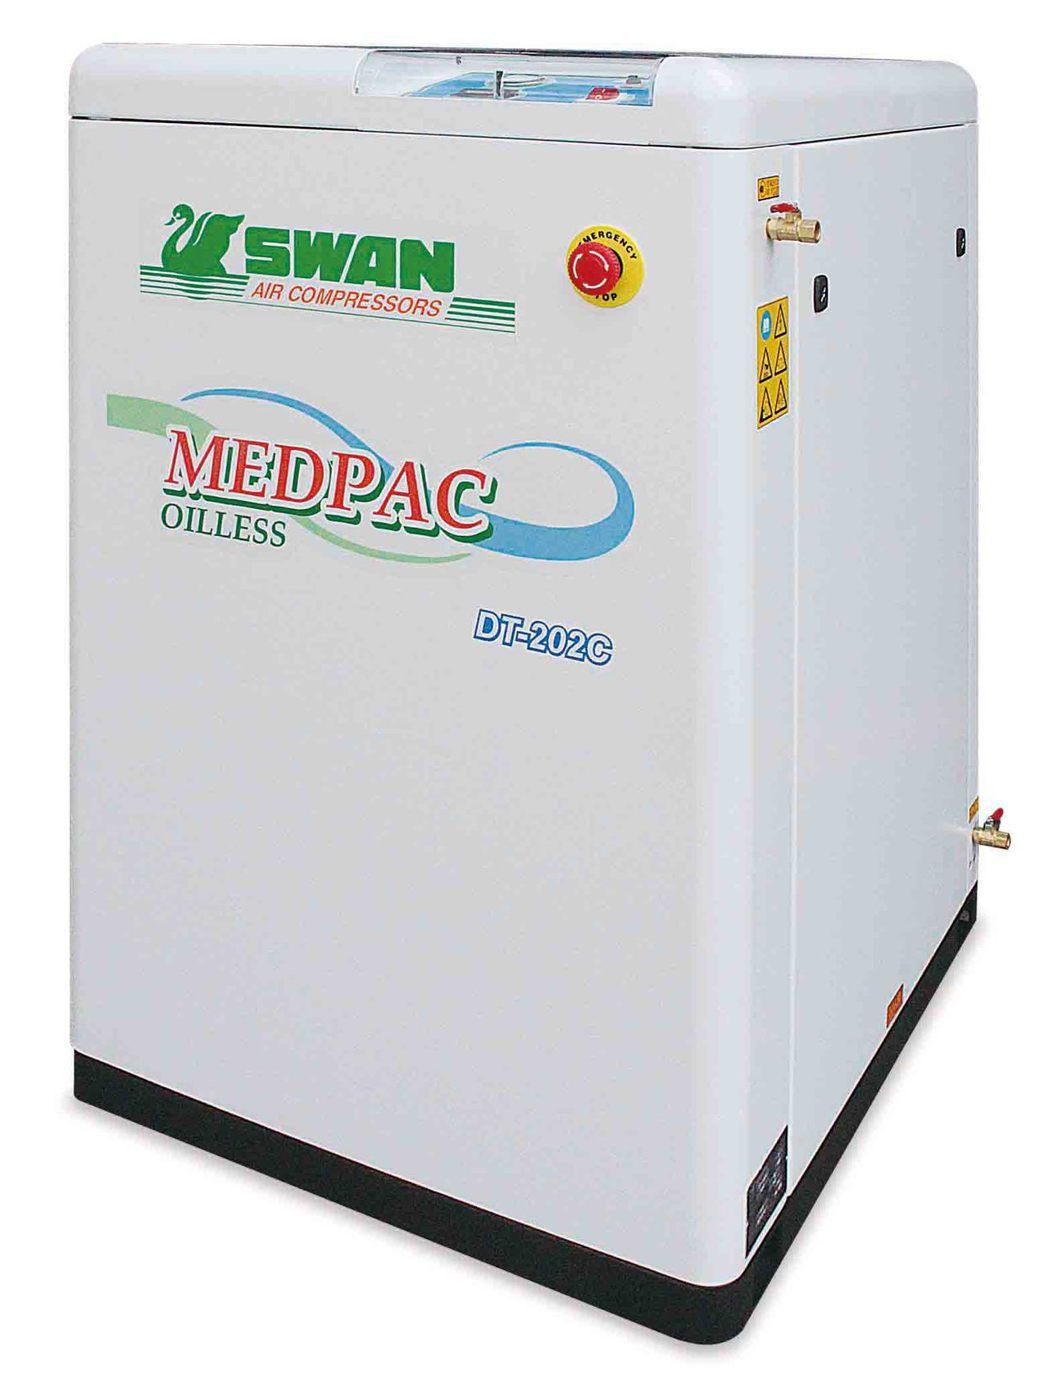 東正鐵工廠「SWAN天鵝牌」小型醫療用空壓機。 東正鐵工廠/提供